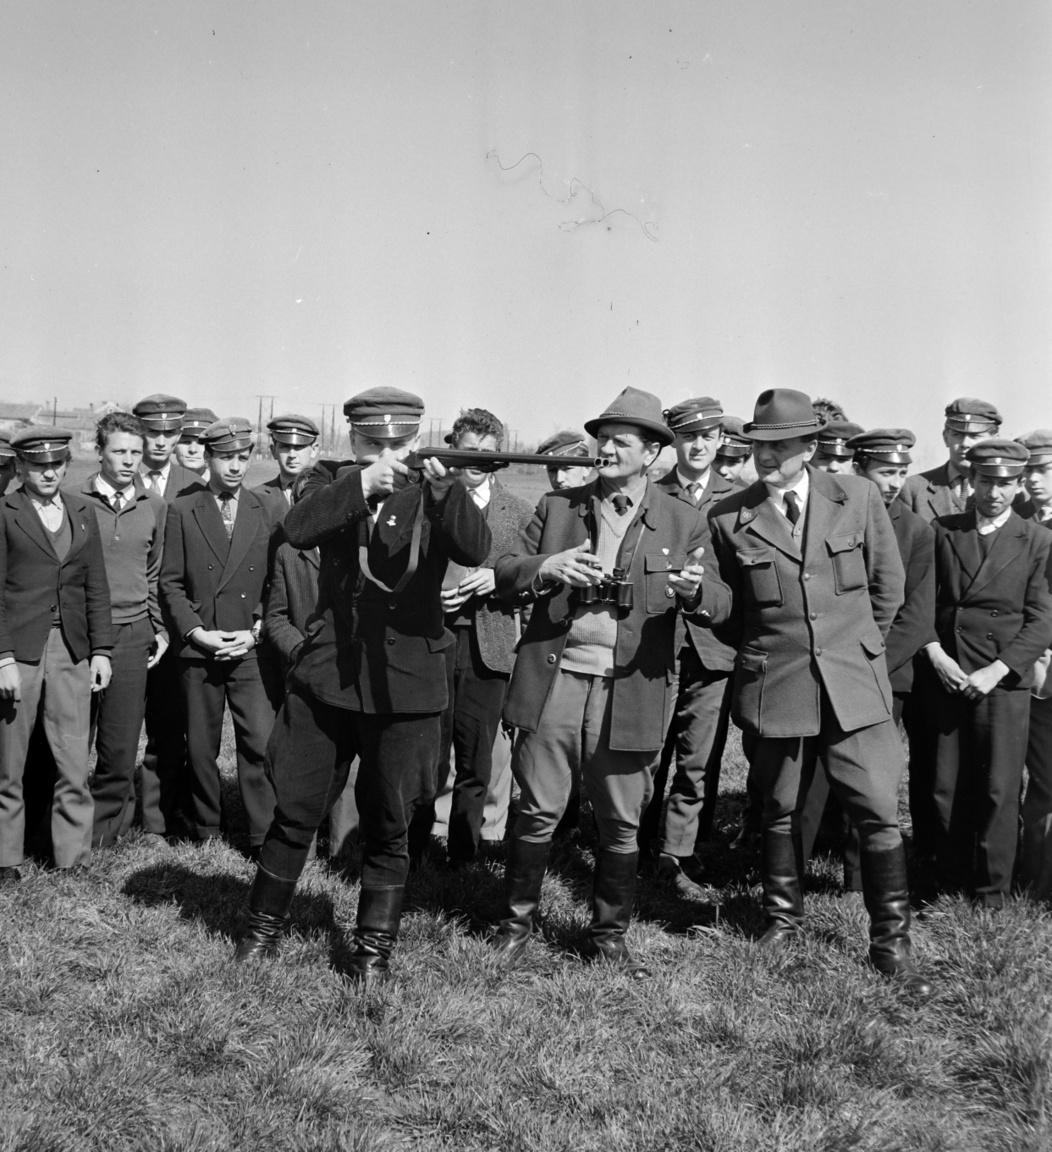 Terepgyakorlaton a balatonyfenyvesi vadászati iskolások, 19651959-ben indult meg a hároméves vadászati szakmunkásképzés Balatonfenyvesen. A vadász(vadőr)tanoncok az iskoalév öt hónapjában a Balatonnagybereki Állami Gazdaságban laktak és tanultak, hat hónapos gyakorlati képzésre pedig más-más szolgálati helyre osztották be őket. A Magyar Vadásznak készített riport idején negyven diákja volt az iskolának, közülük mindenki igyekezett rajta lenni a képen fején az iskola egyensapkájával.